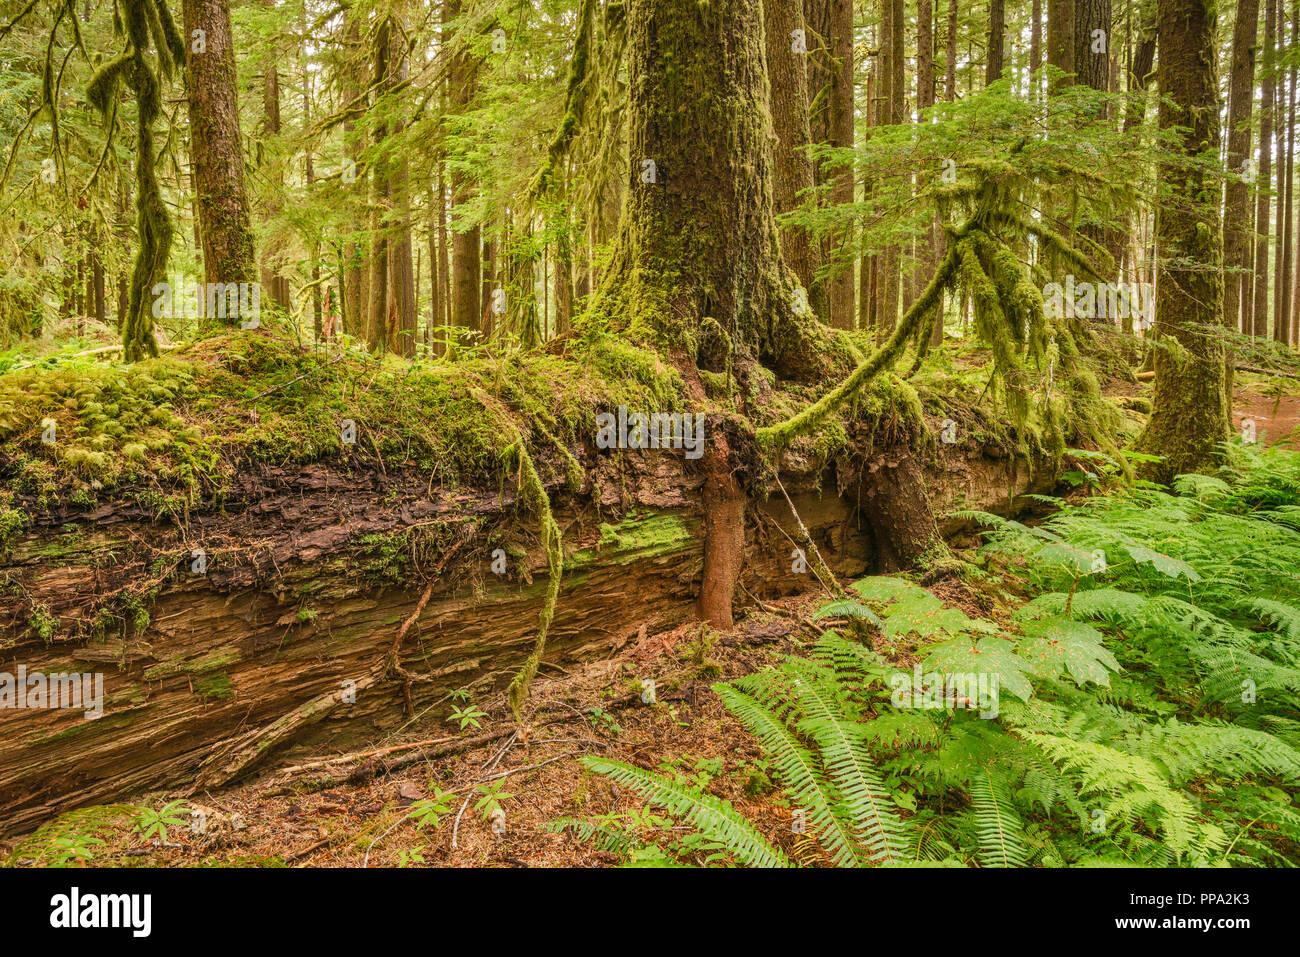 Les nouveaux semis croissant sur journal d'une infirmière, d'Anciennes oliveraies Sentier, Sol Duc River area, Olympic National Park, Washington State, USA Photo Stock